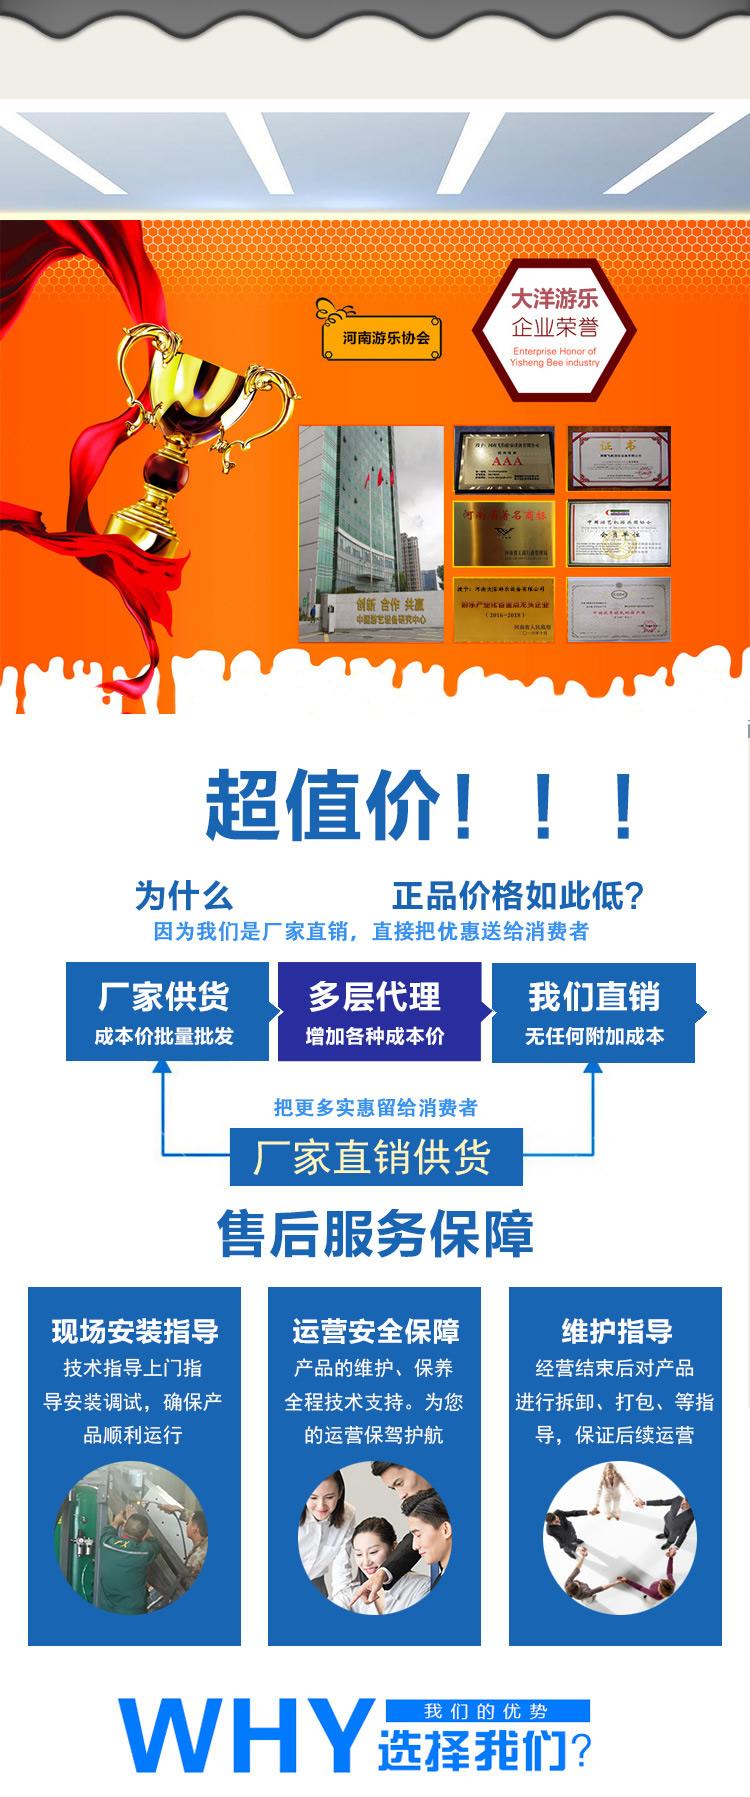 2019郑州大洋新品上市旋转梦幻飞碟,儿童卡通造型6臂梦幻飞碟-专用游乐设备示例图26